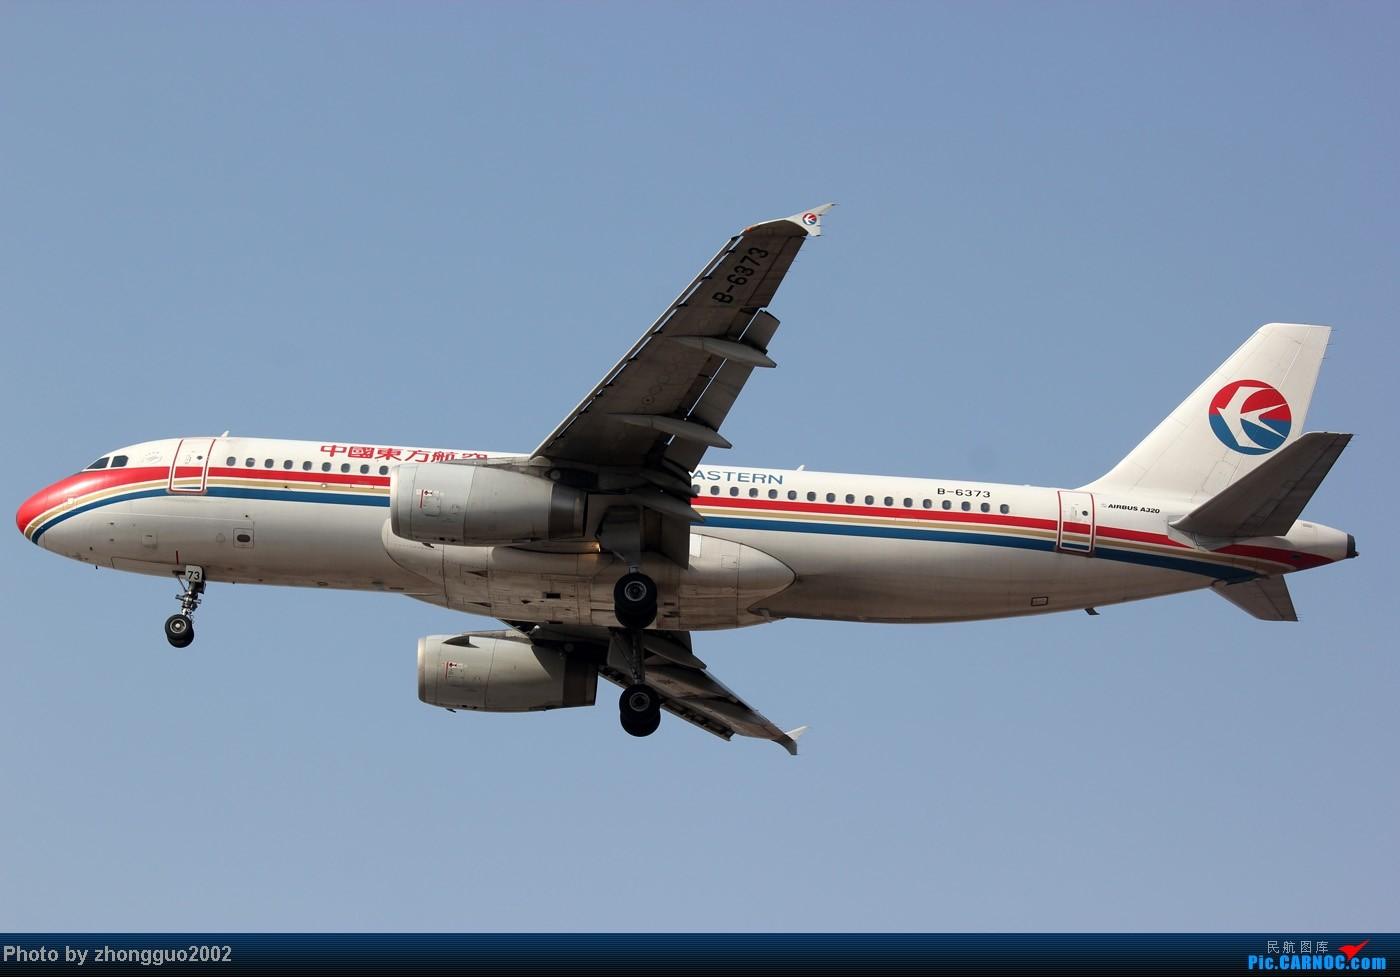 Re:[原创]长荣航空带小翼的321,东航6457小翼319,国航的新机子1947.1945,国航内蒙古号5226,新舟60,以及深圳、首都、西部等航空的飞机。 AIRBUS A320-200 B-6373 中国呼和浩特白塔机场